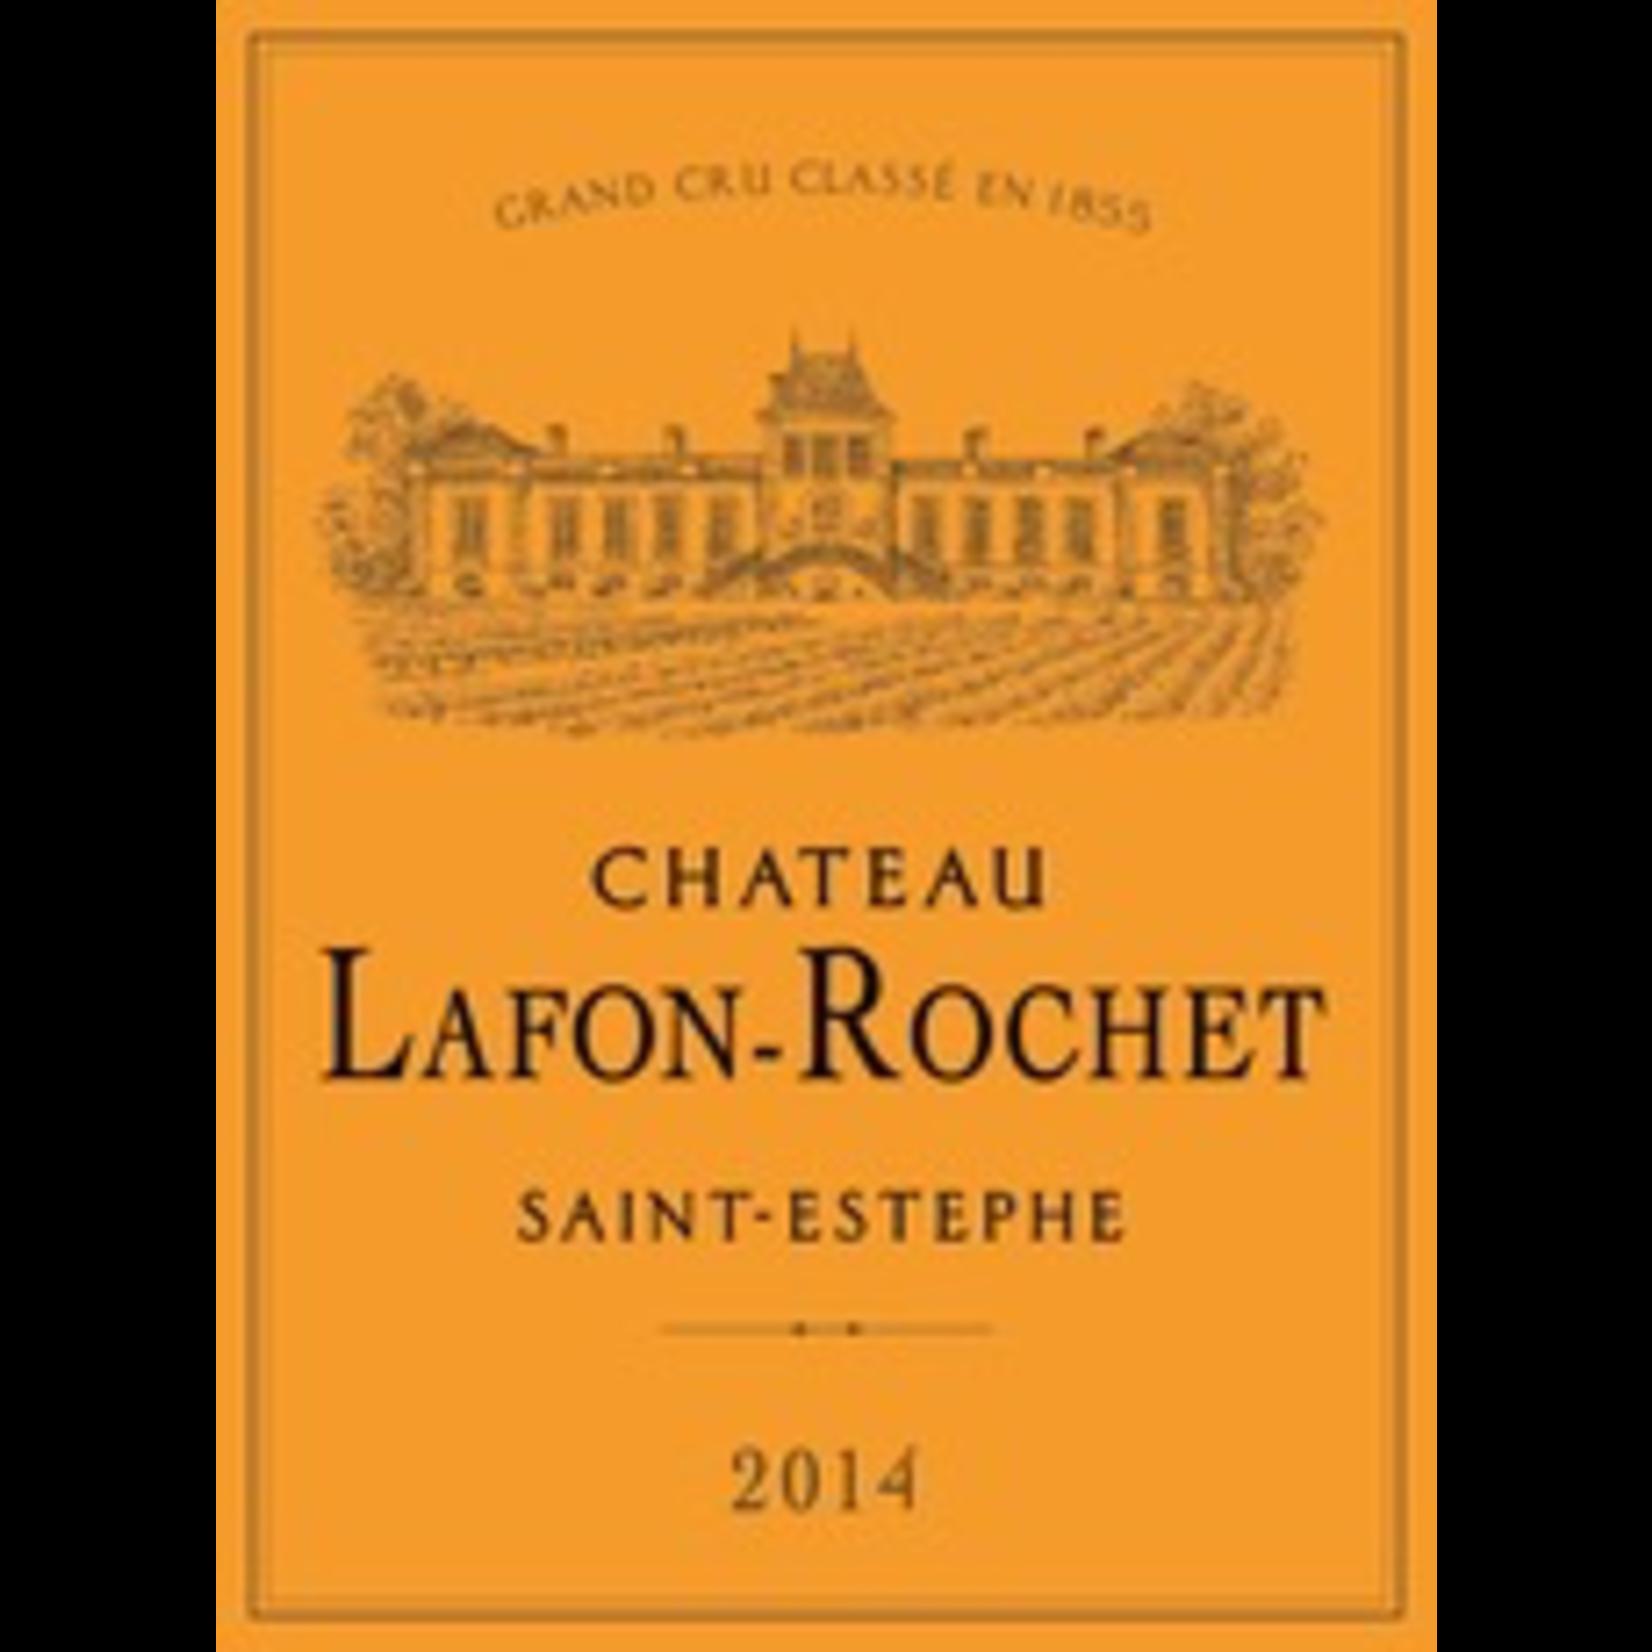 Wine Chateau Lafon Rochet Saint Estephe 2014